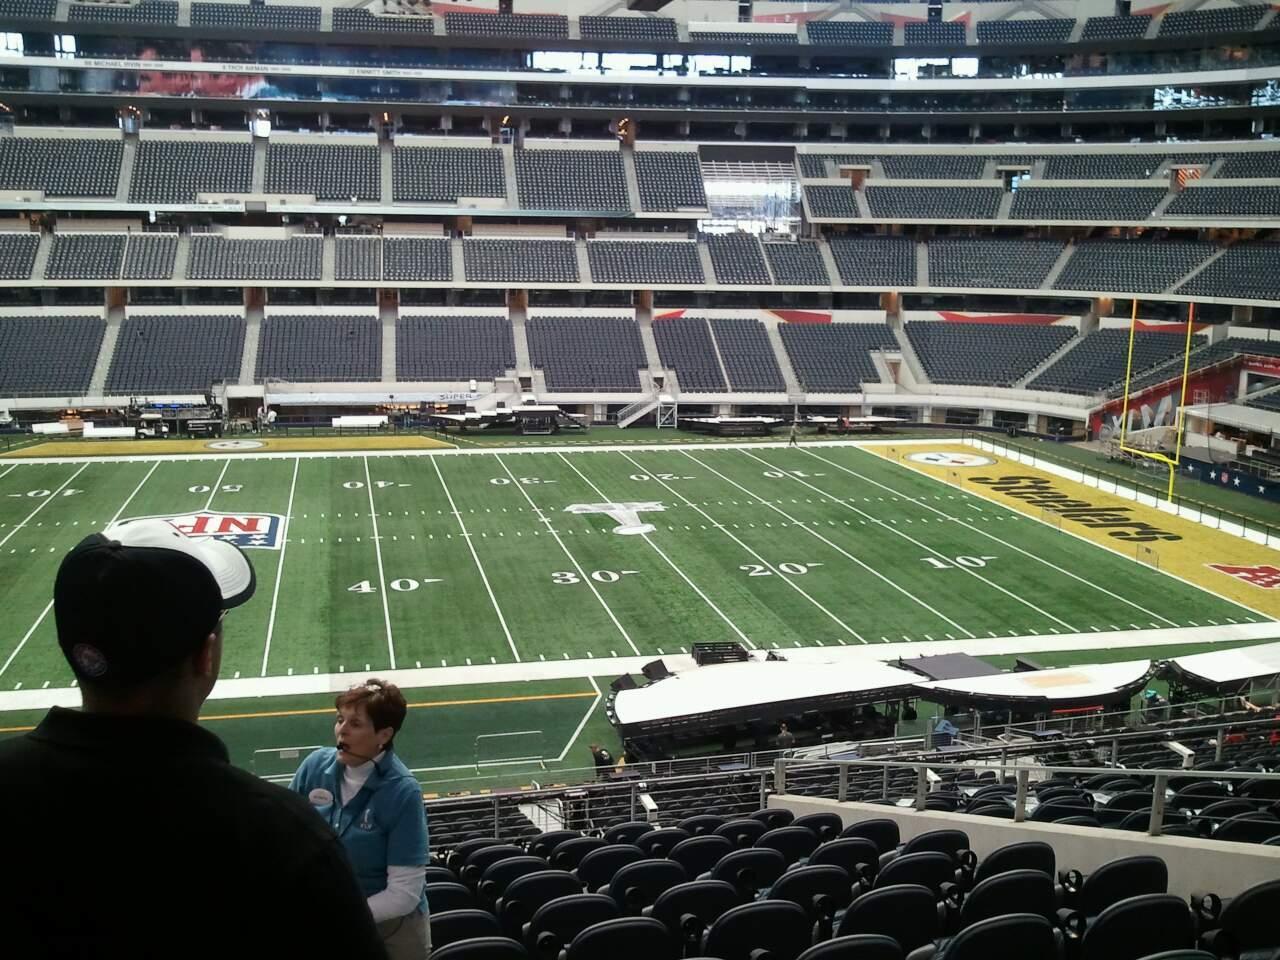 AT&T Stadium Vak C210 Rij 9 Stoel 20